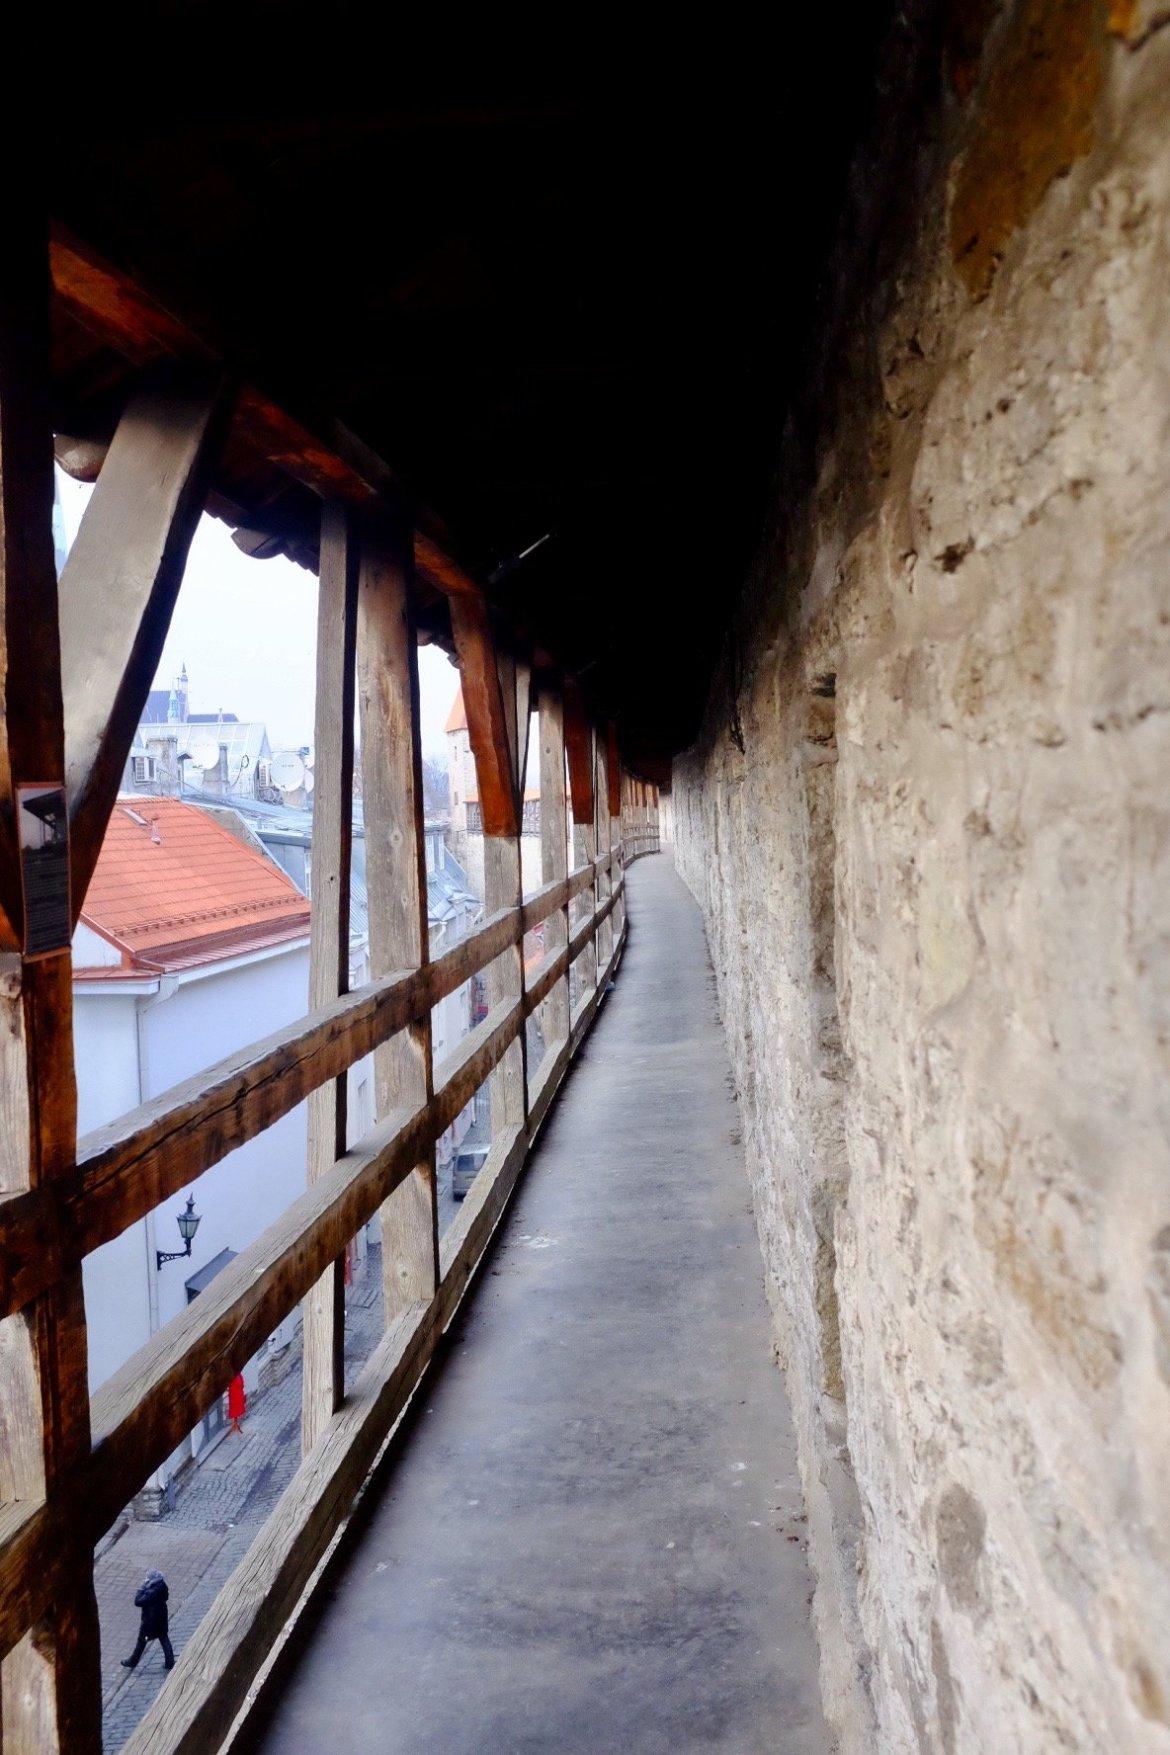 On the walls of Tallinn